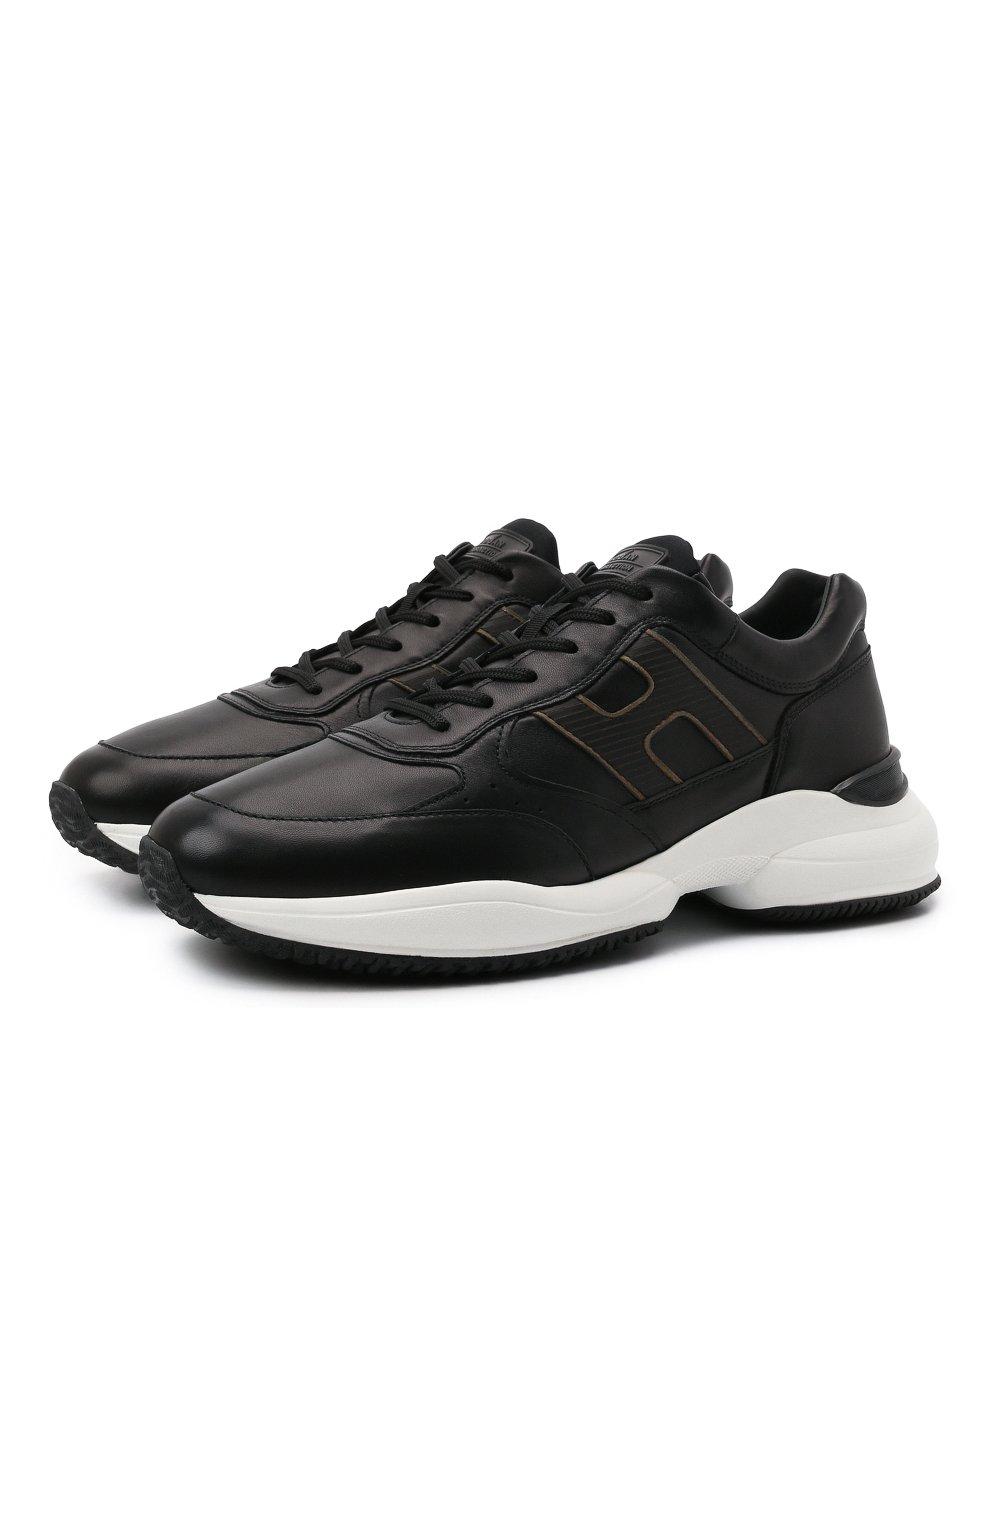 Мужские кожаные кроссовки HOGAN черного цвета, арт. HXM5450DP01QEQ | Фото 1 (Материал внутренний: Текстиль; Подошва: Массивная; Стили: Спорт)